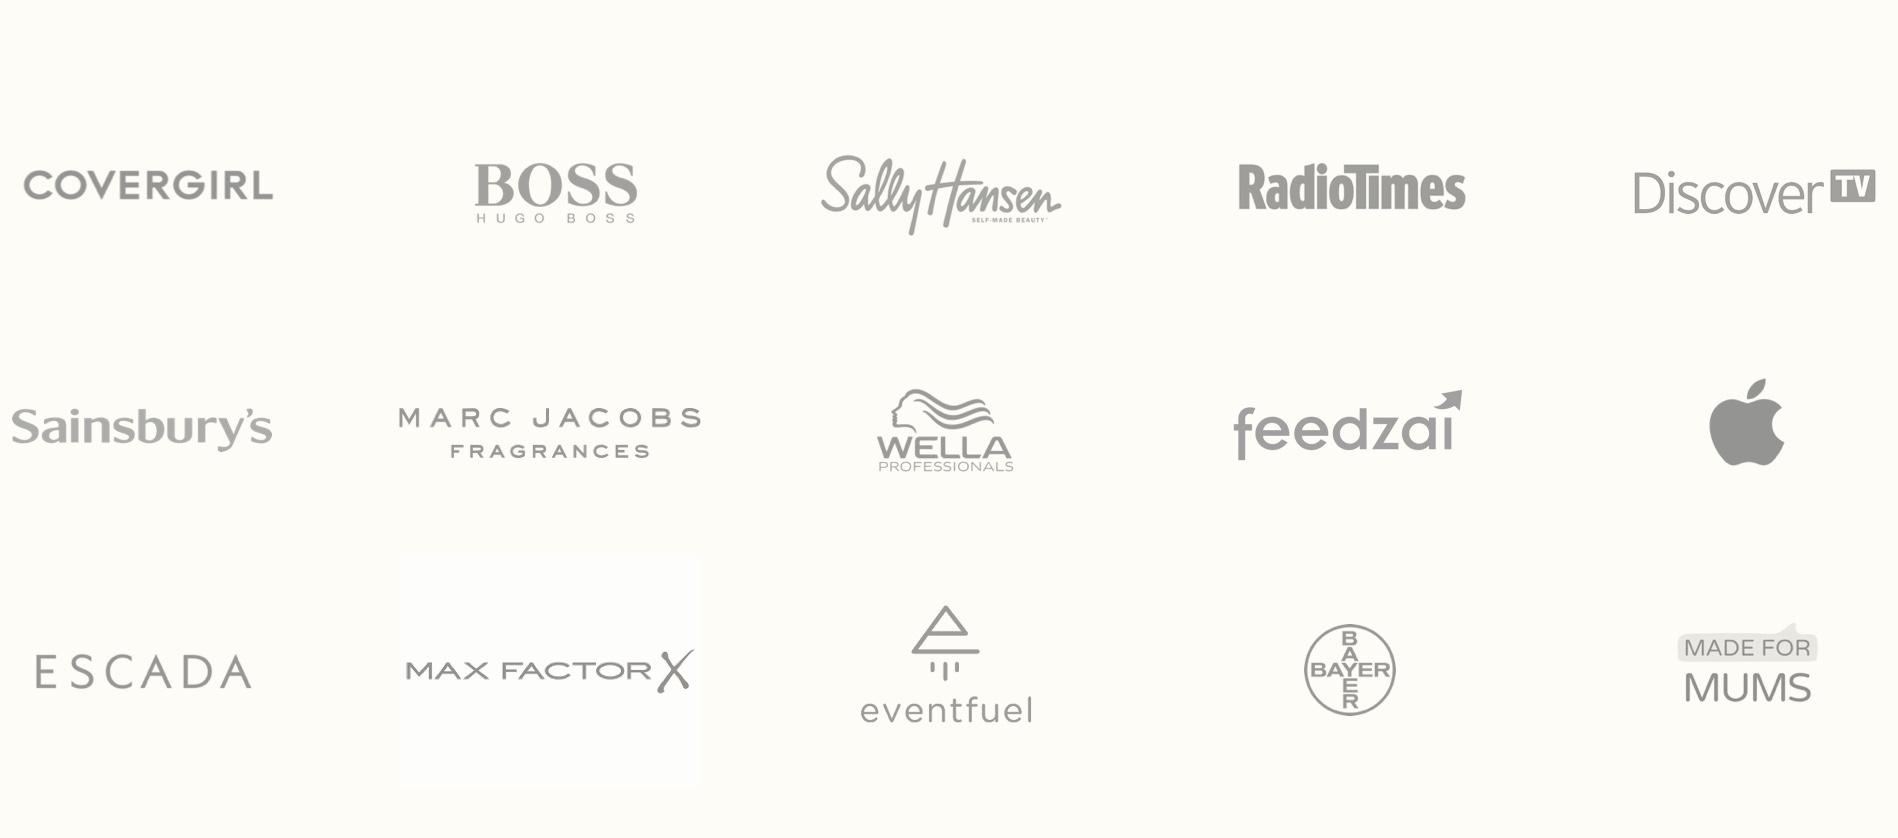 brandswork.jpg